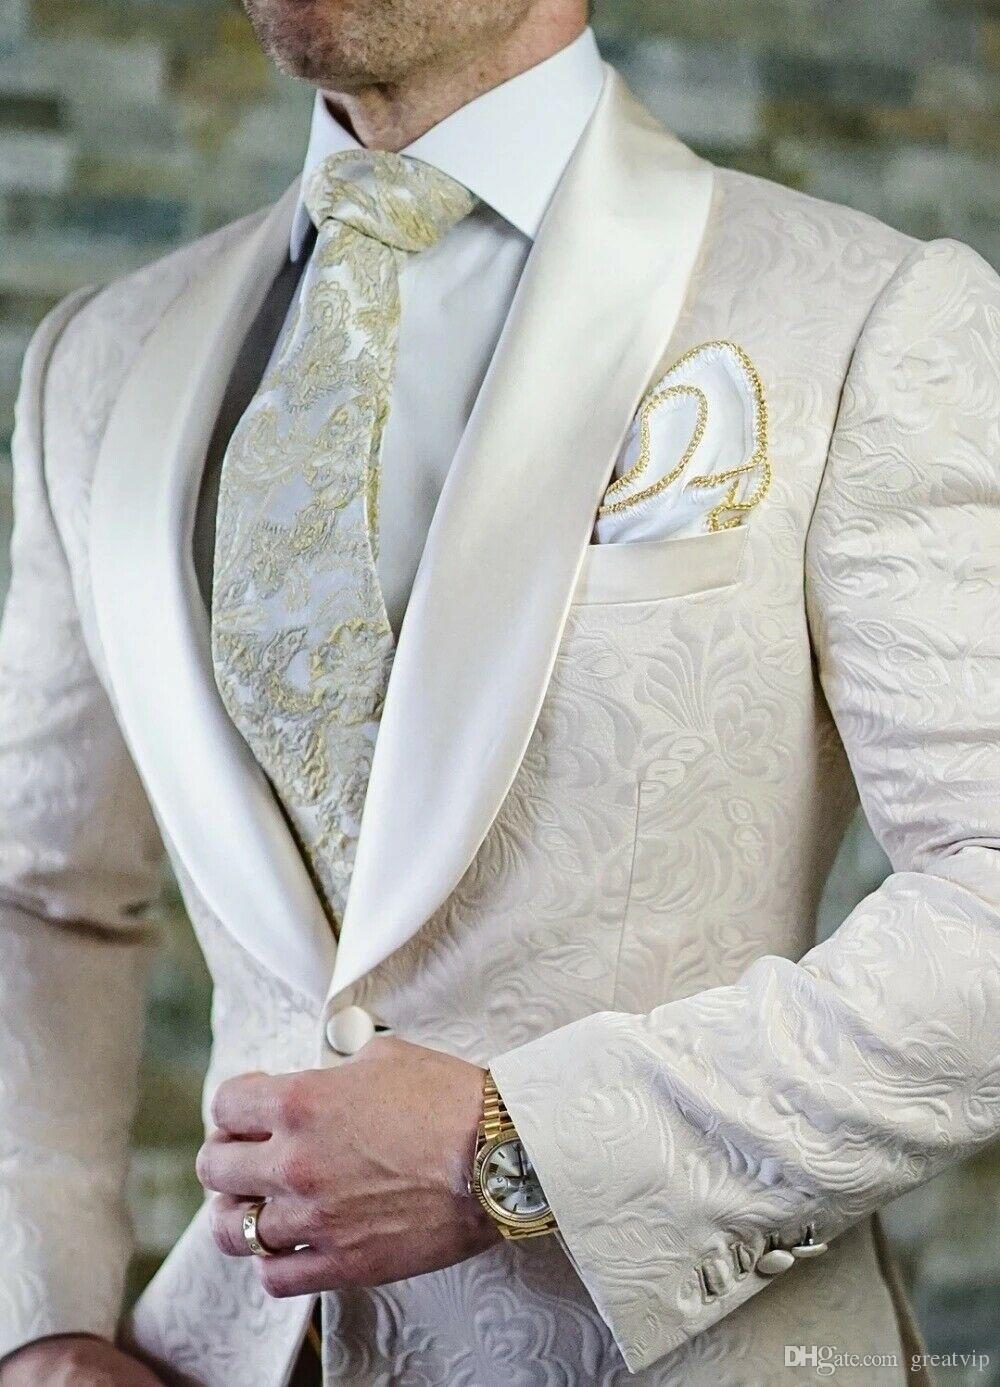 Krem Beyaz Mens Düğün Smokin Slim Fit Bir Düğme Balo yemeği partisi Sağdıç Blazers Baskılı Çiçek Yaka 3 Adet Ceket Custom Made